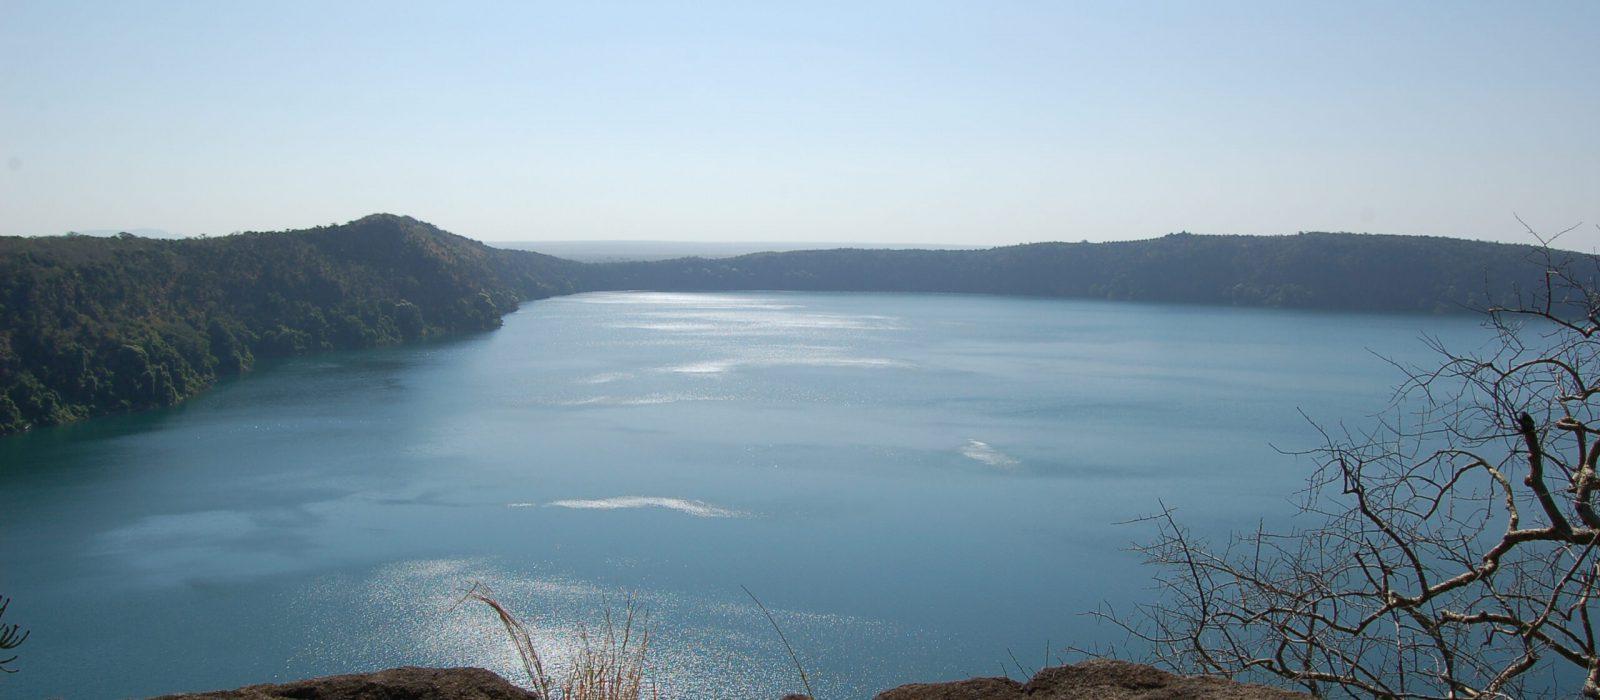 Full Day Lake Chala